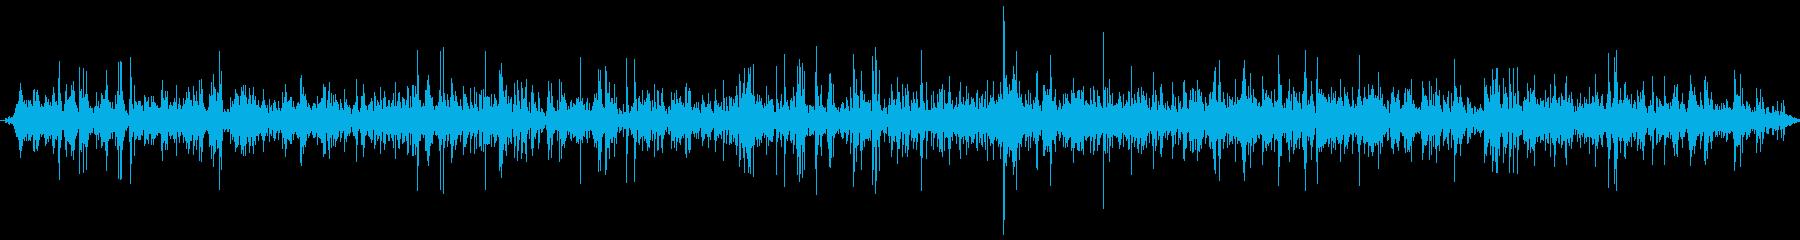 スカイライト、サンダーランブルアン...の再生済みの波形